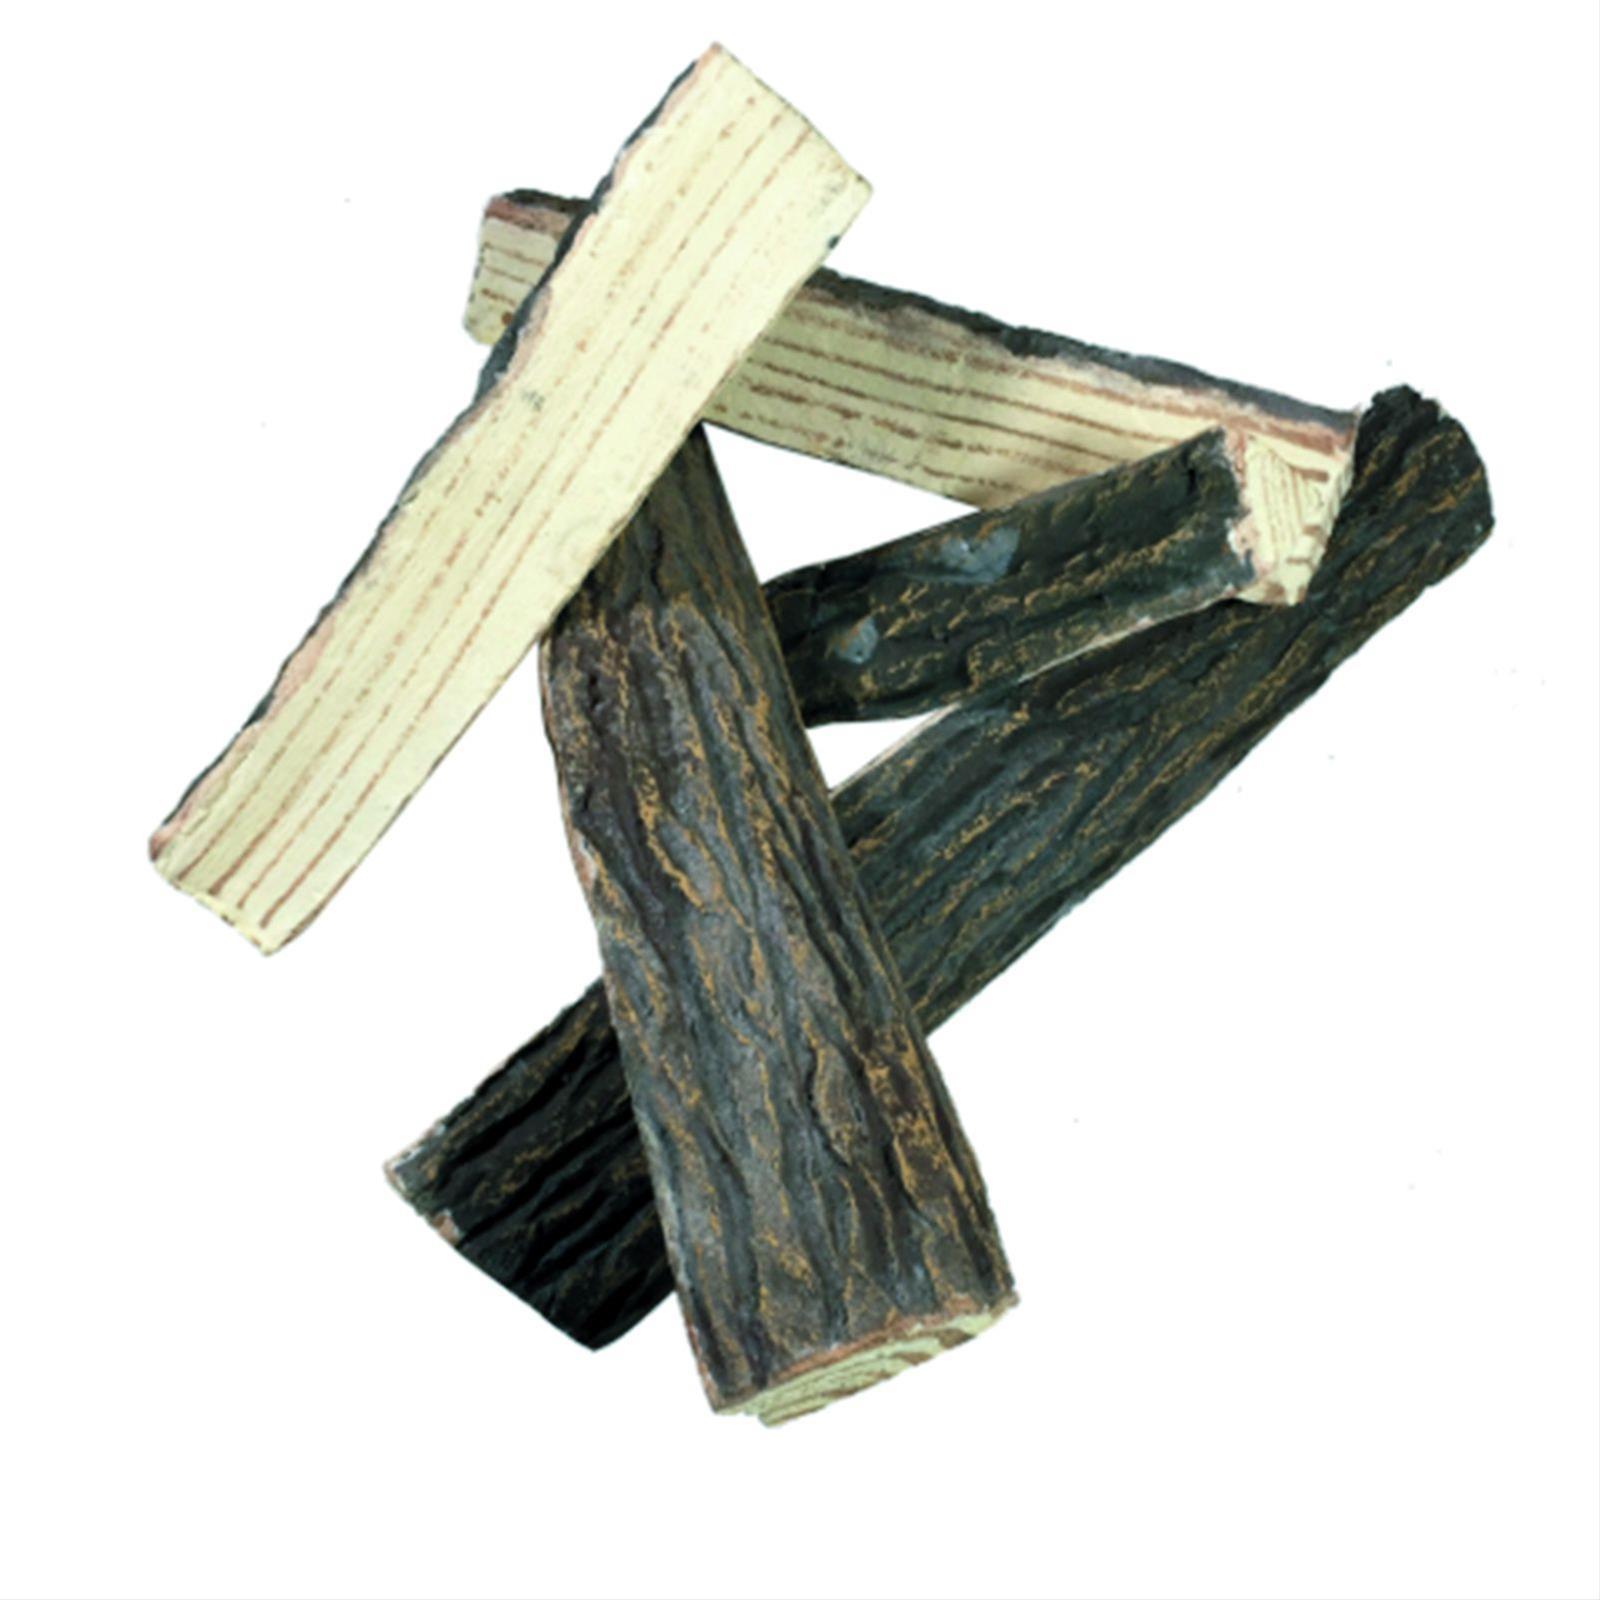 GardenForma Keramik Holzscheite für Gas-Feuerstelle Spaltholz Optik Bild 1